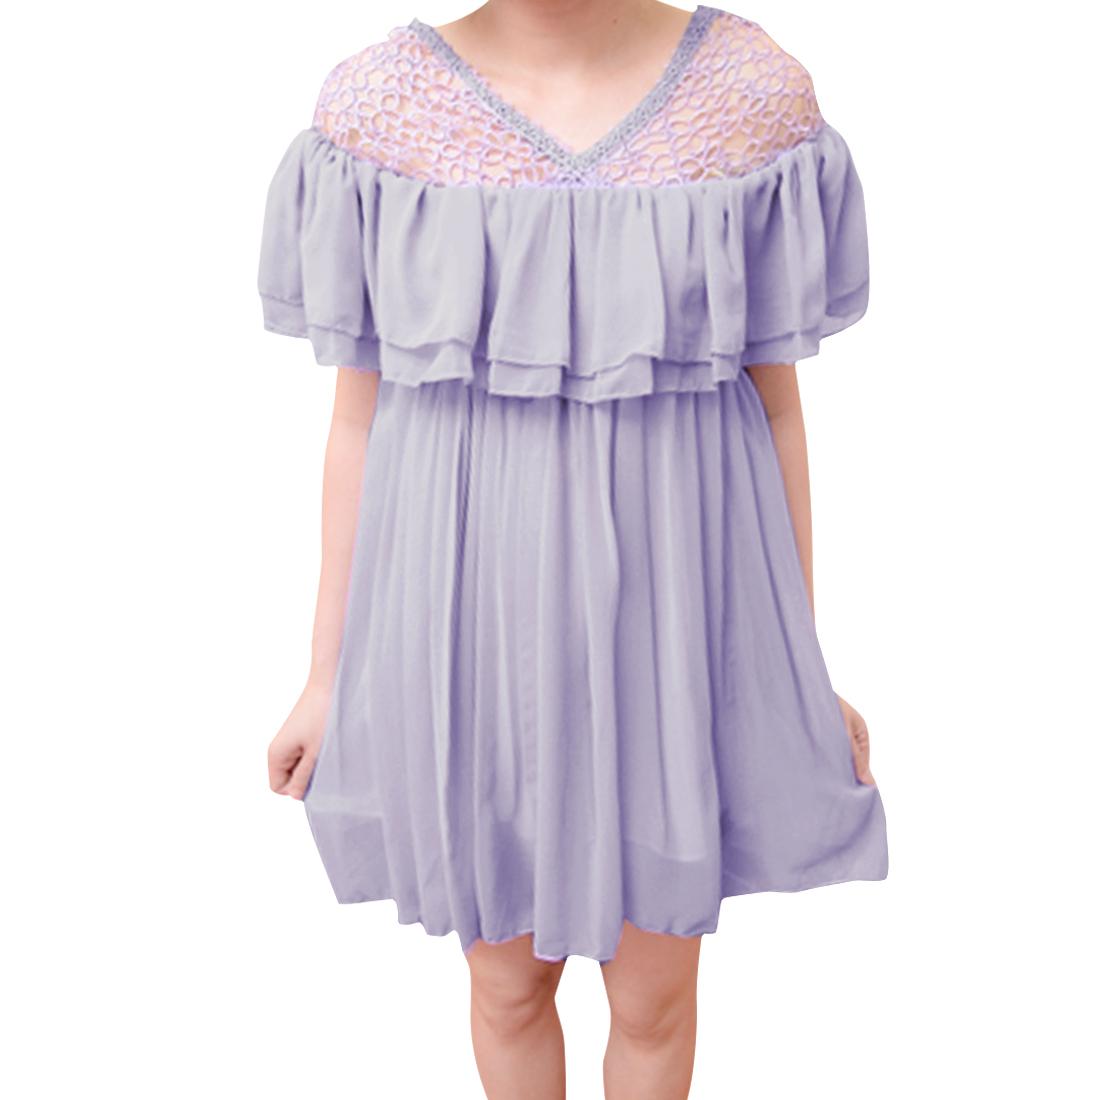 Women V Neck Sleevless Flouncing Crochet Dress Lilac XS